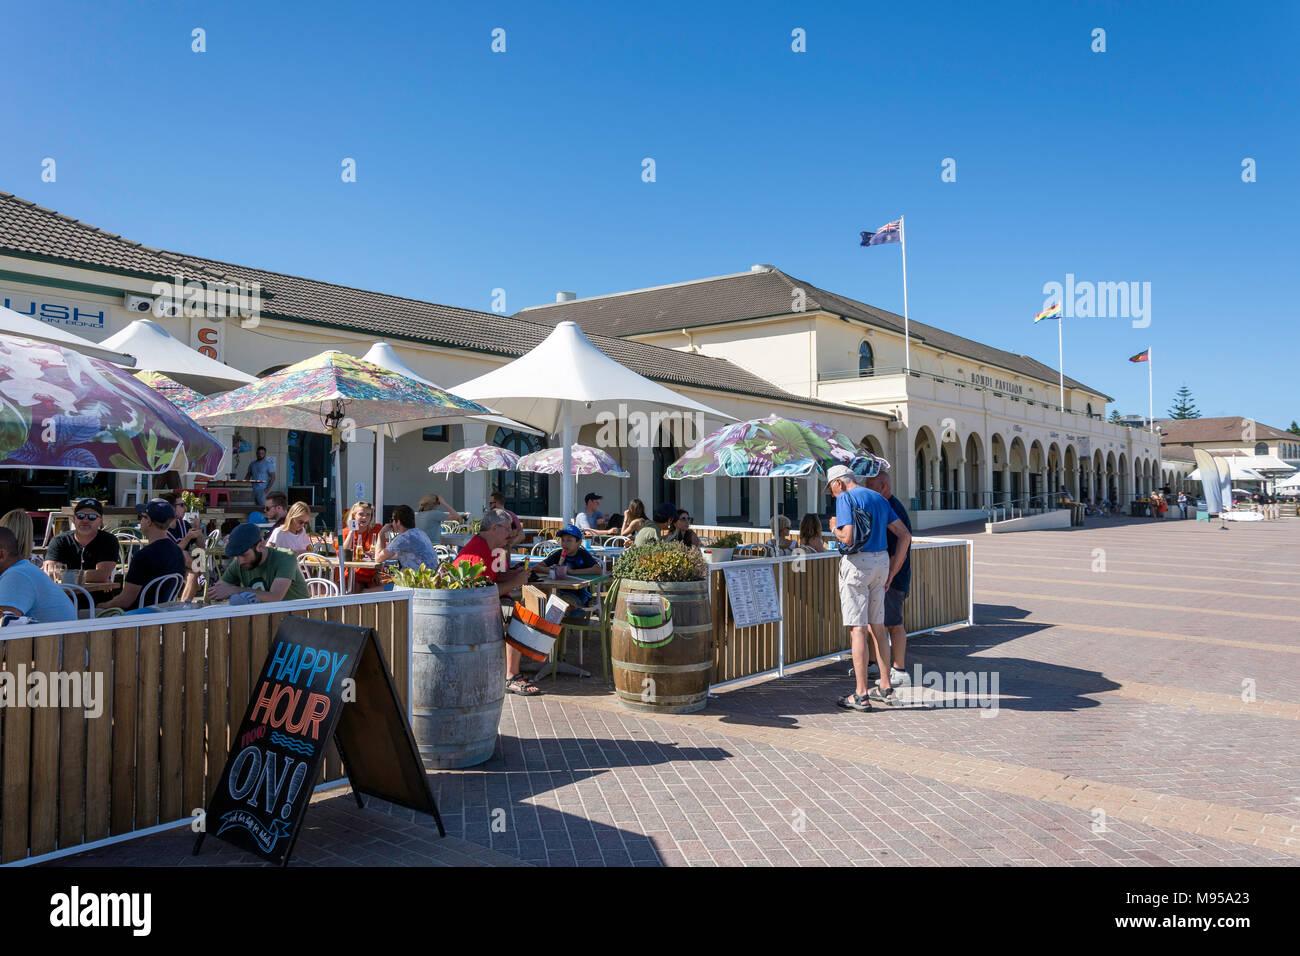 Üppige auf Bondi Cafe Restaurant am Bondi Pavilion, Bondi Beach, Sydney, New South Wales, Australien Stockbild